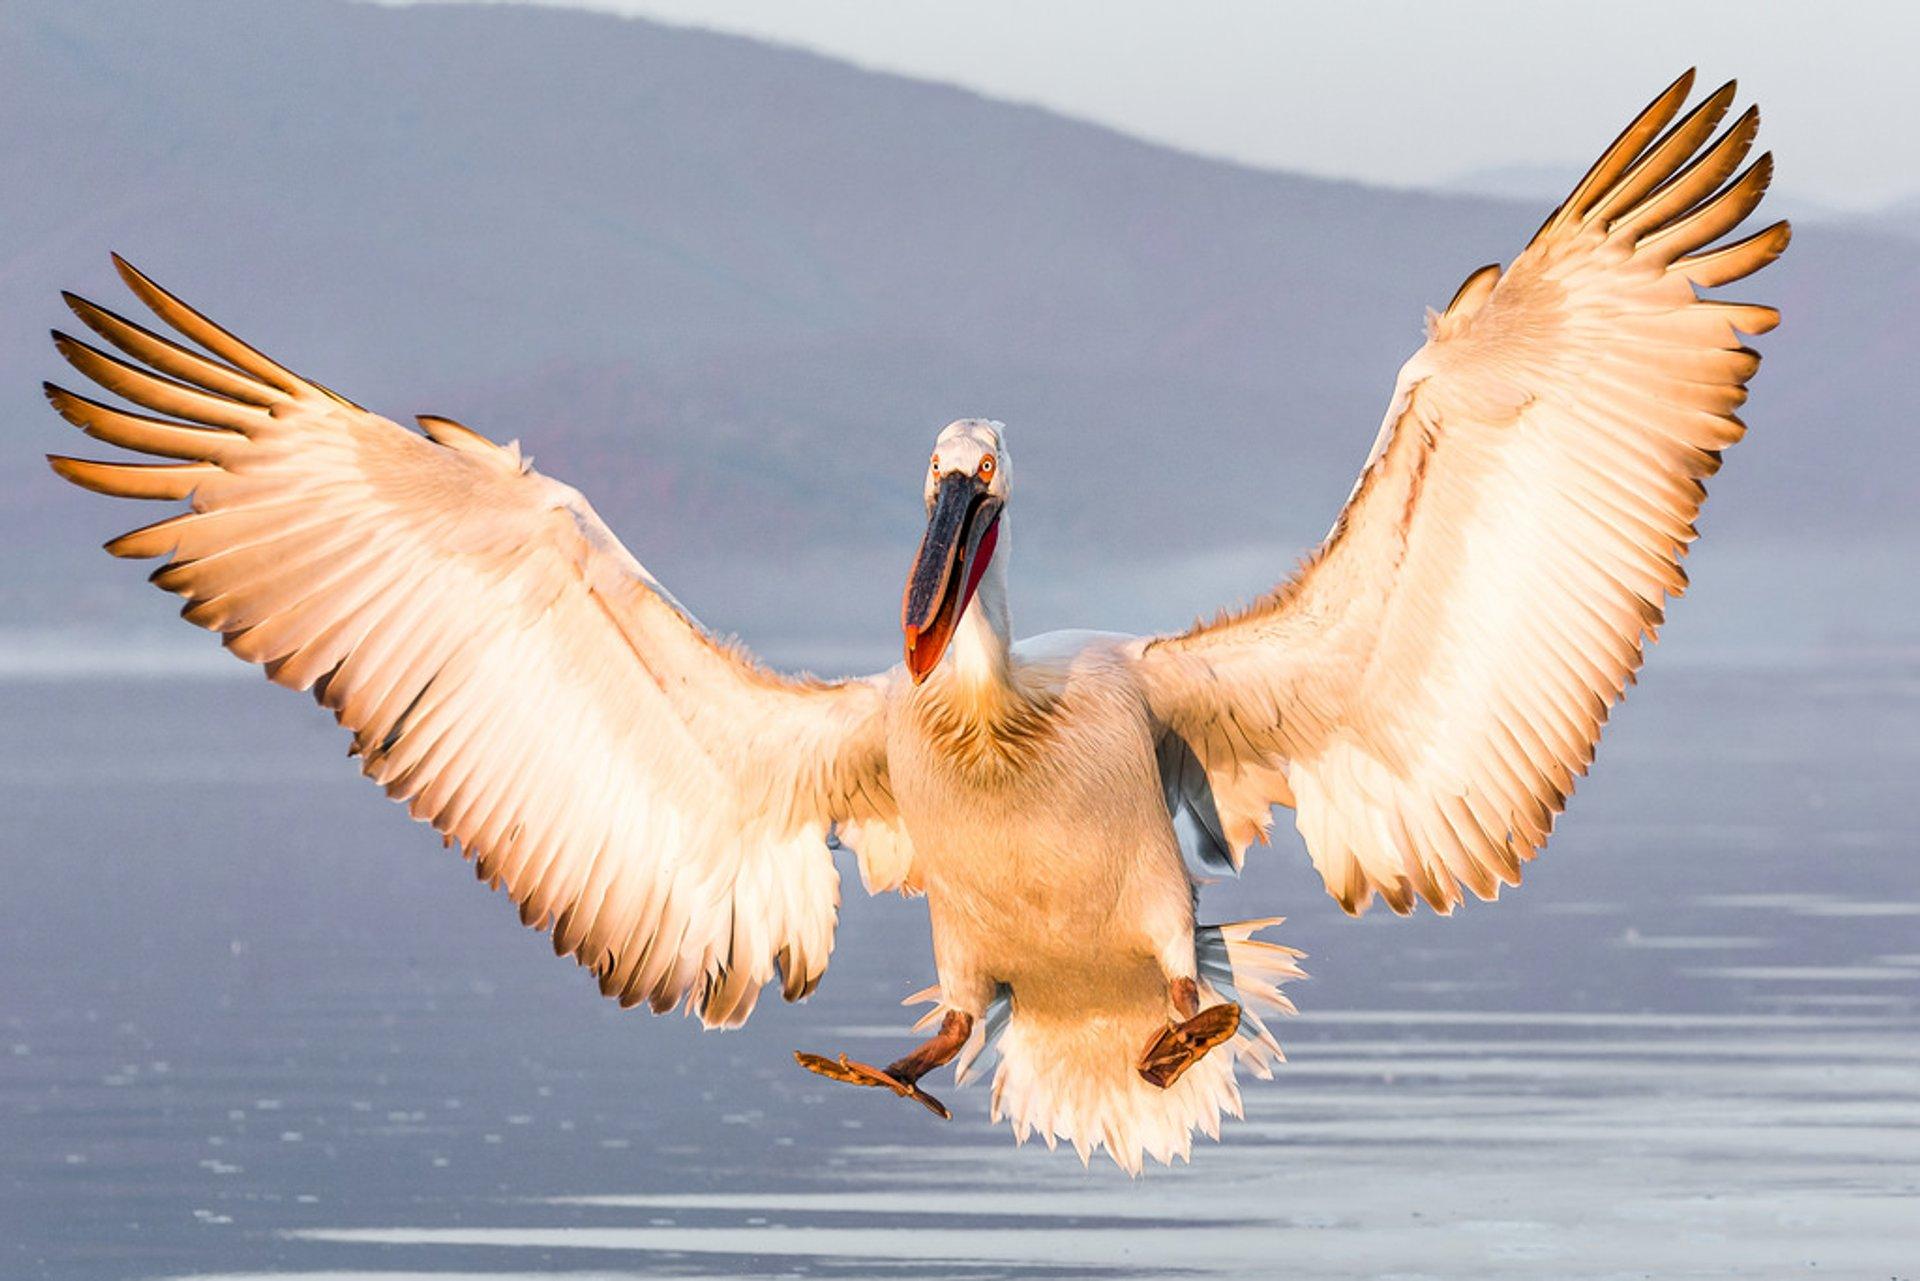 Dalmatian Pelican Breeding Season in Greece 2020 - Best Time